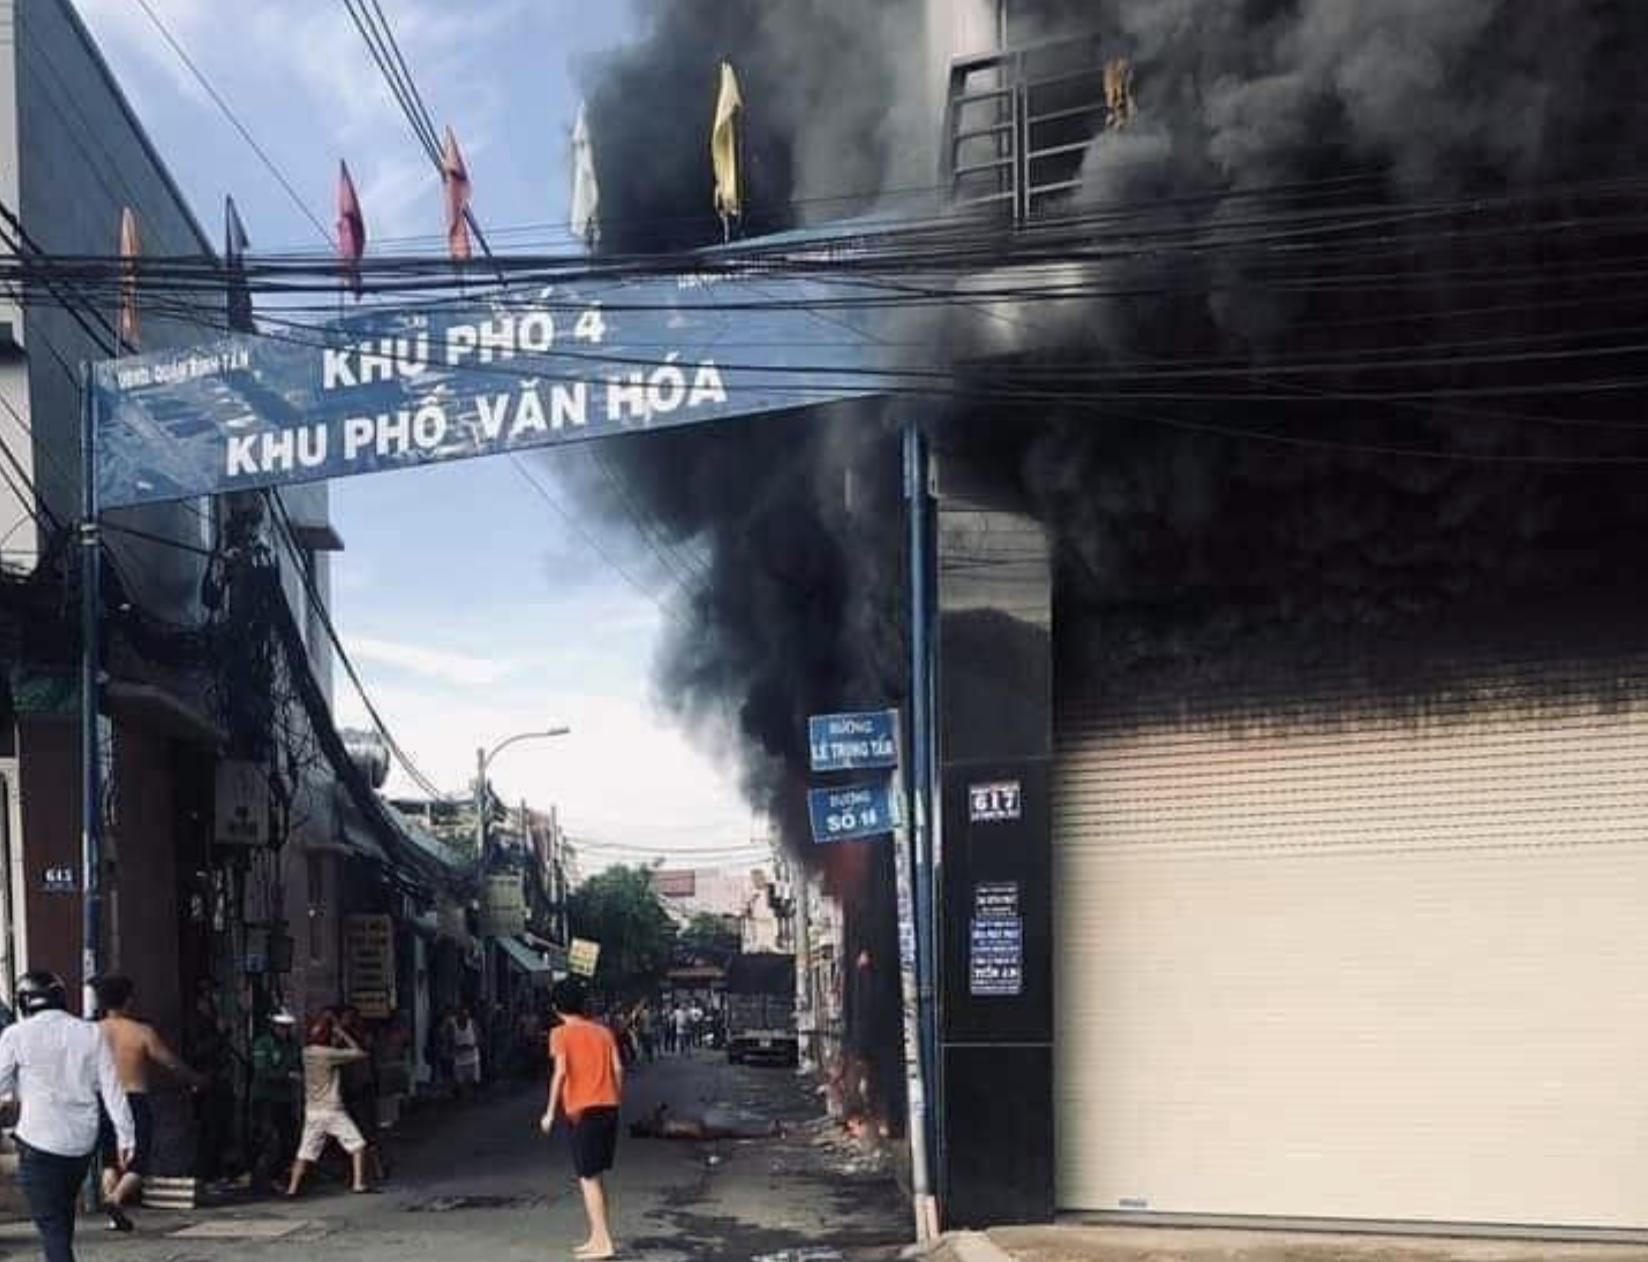 Vụ cháy xảy ra tại đường Lê Trọng Tấn, quận Bình Tân (TP.HCM).